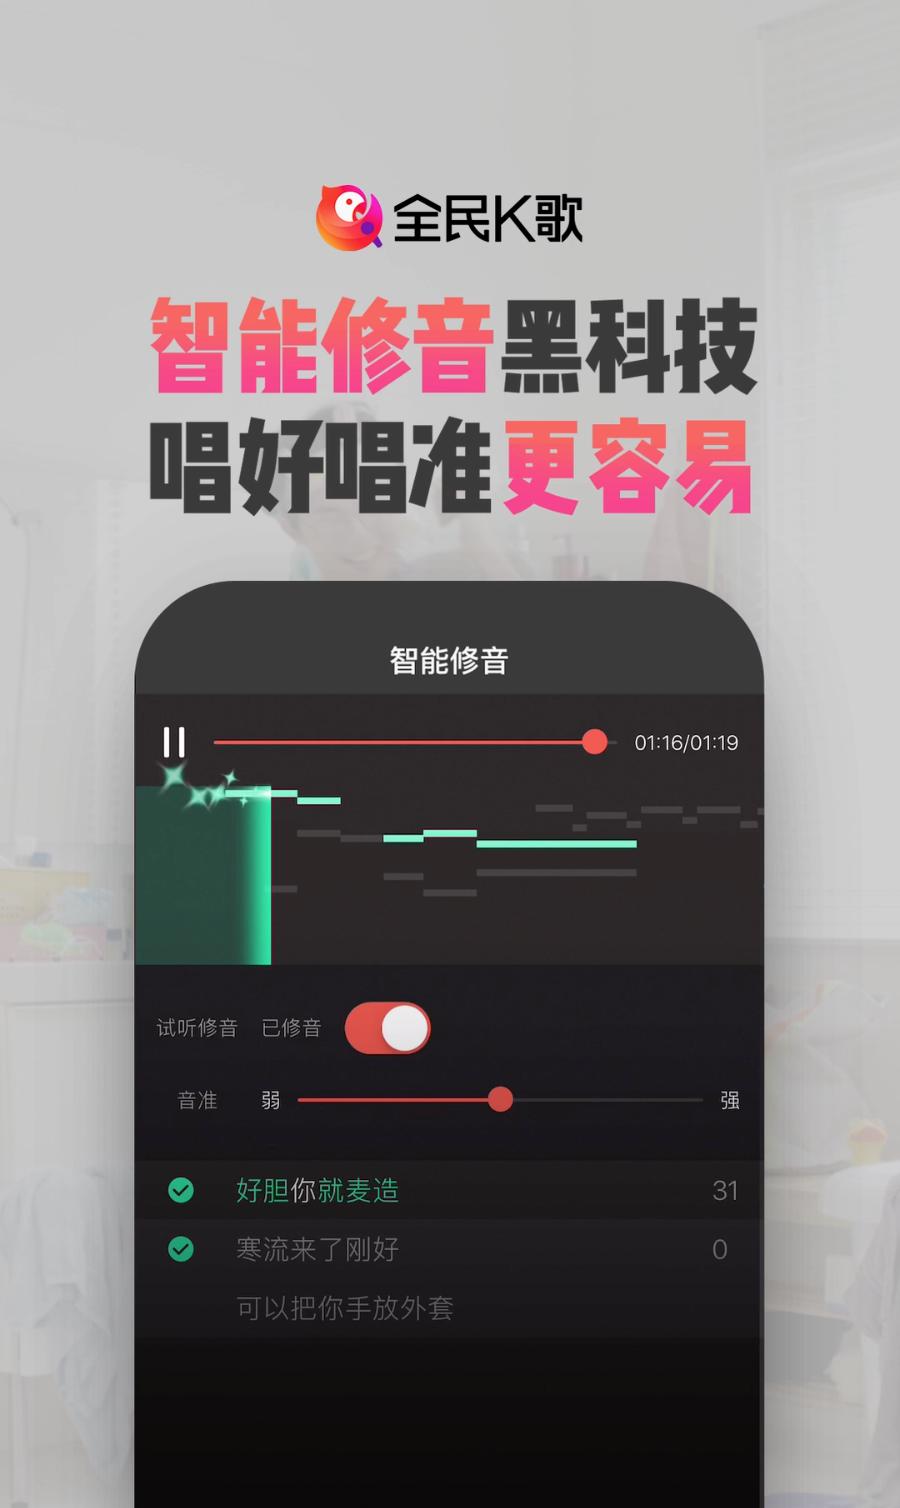 腾讯《全民K歌》短视频广告.png